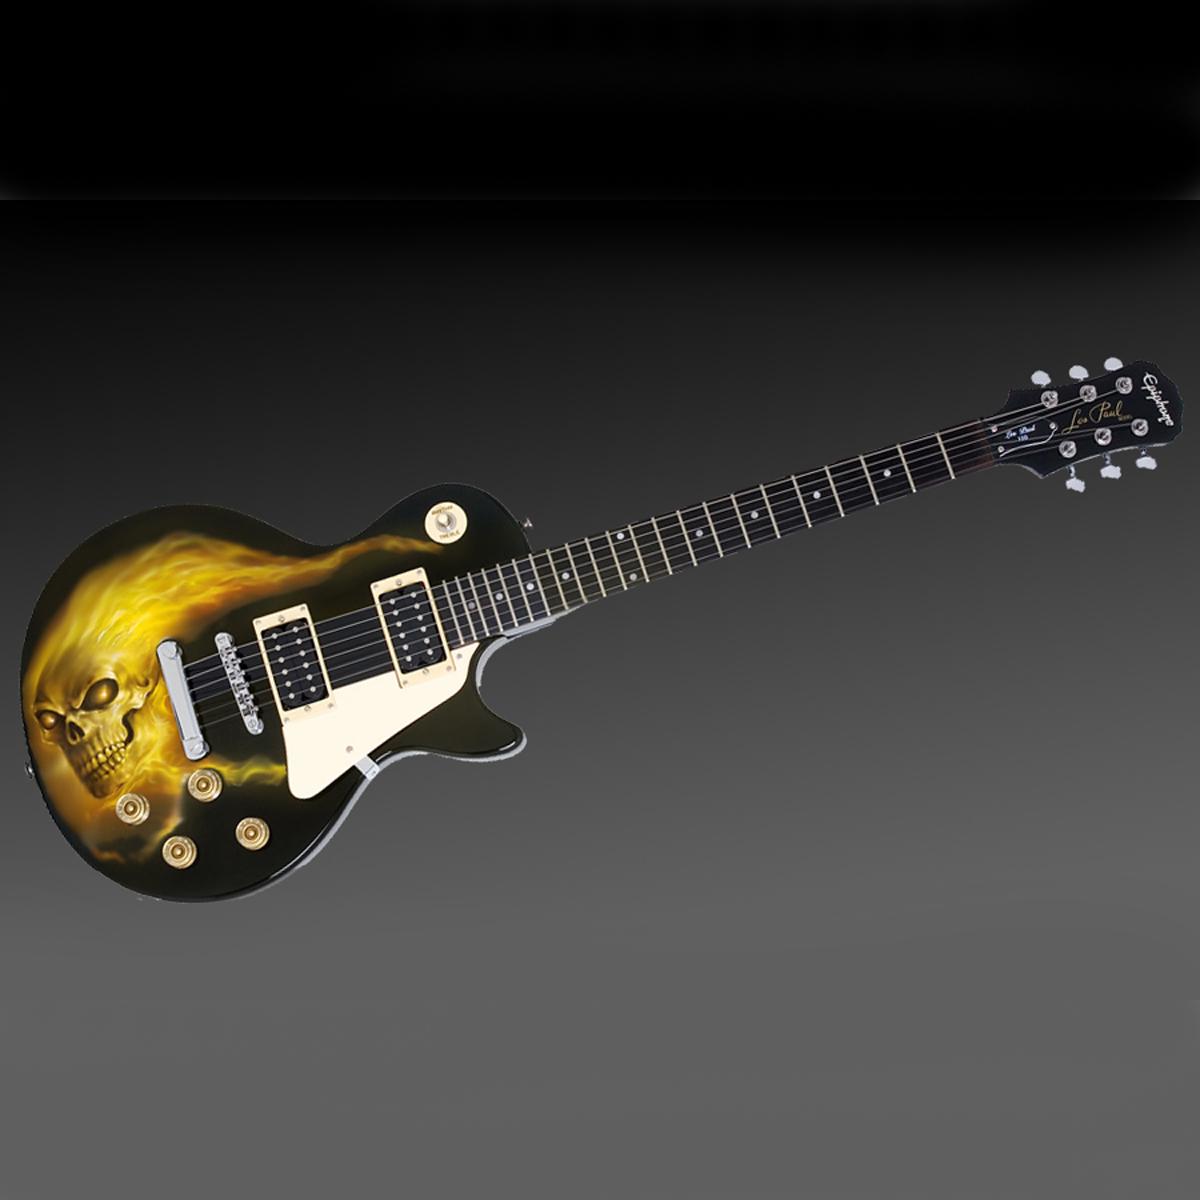 Skull Gibson